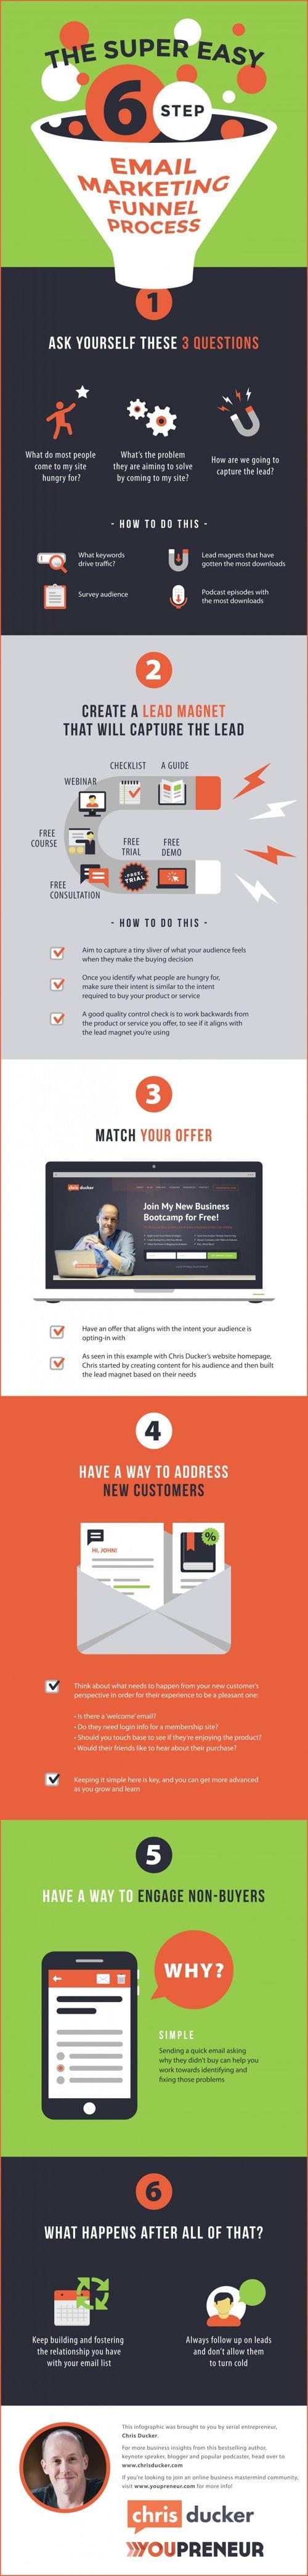 proceso embudo email marketing infografía